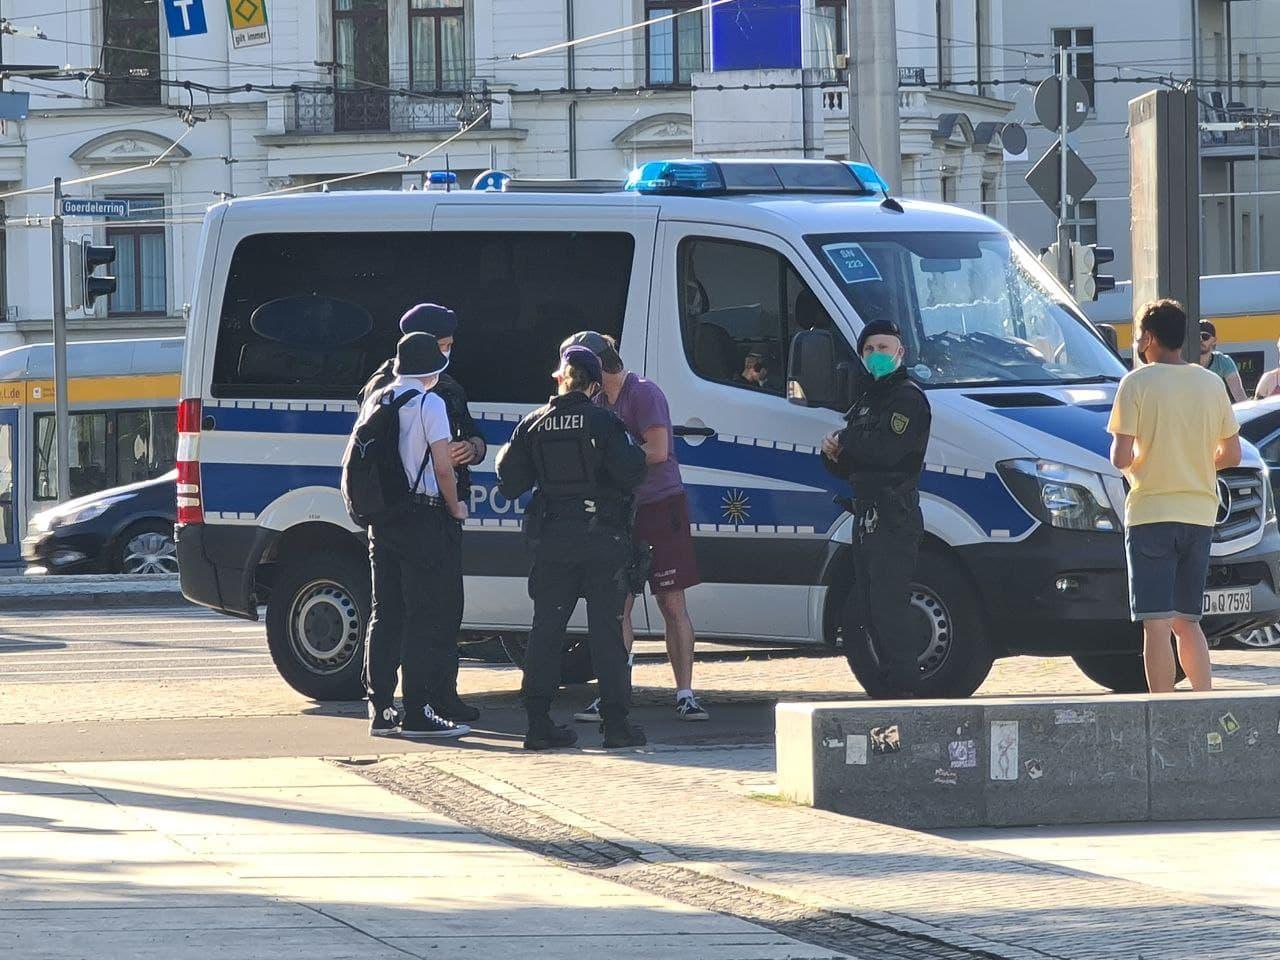 Zwei rechte Youtuber finden sich noch vor Demostart gegen 19 Uhr in einer Polizeimaßnahme am Wagnerplatz wieder. Foto: LZ